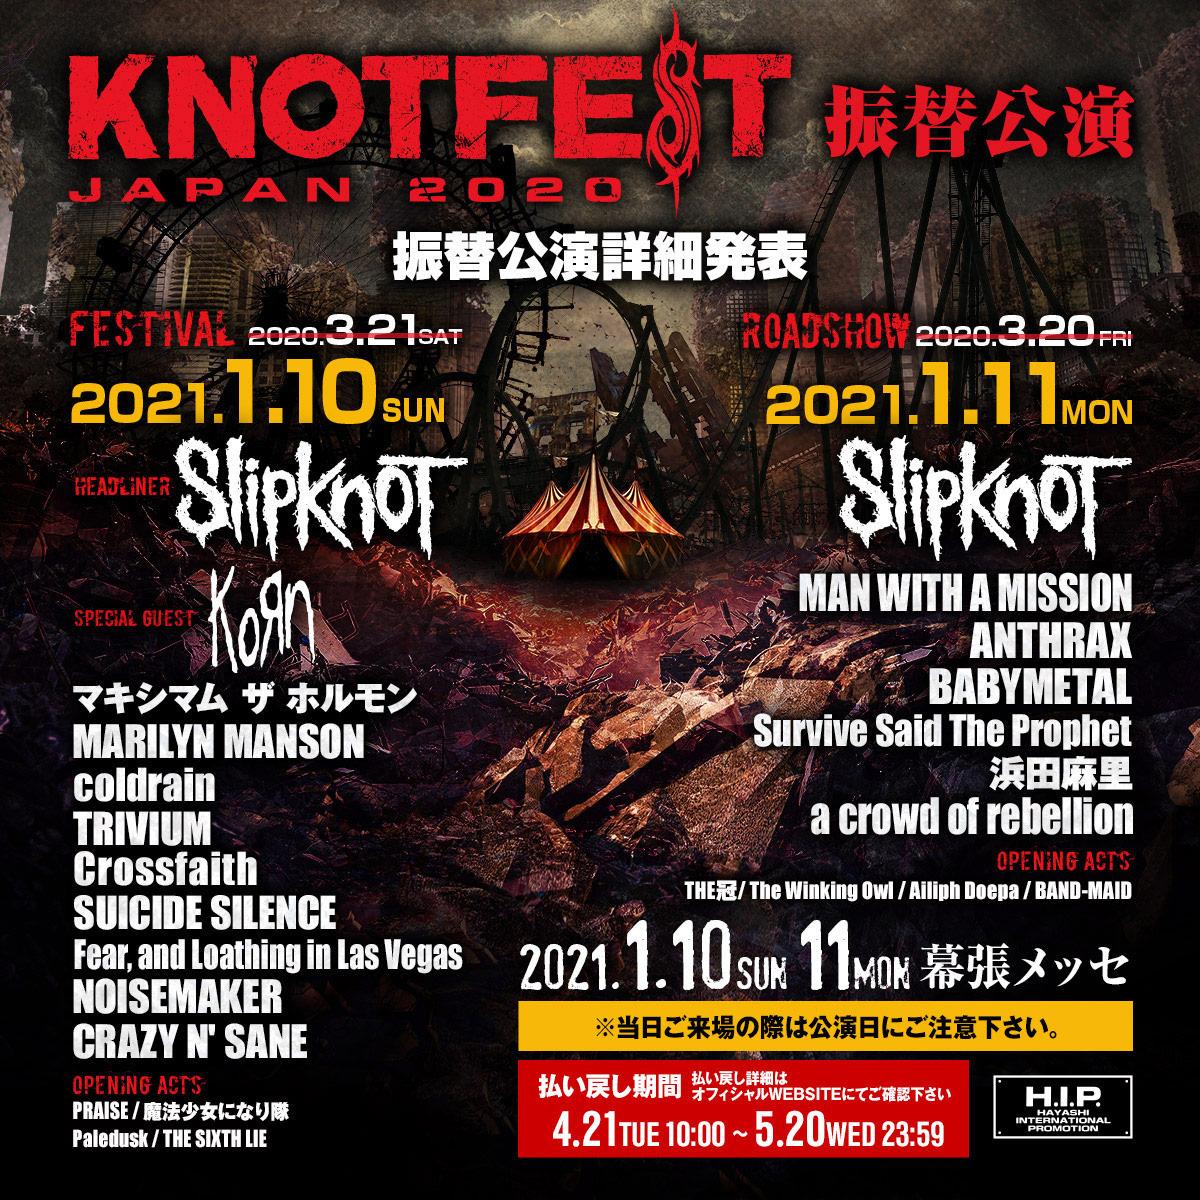 KNOTFEST JAPAN 2020 1.10SUN 1.11MON 幕張メッセ